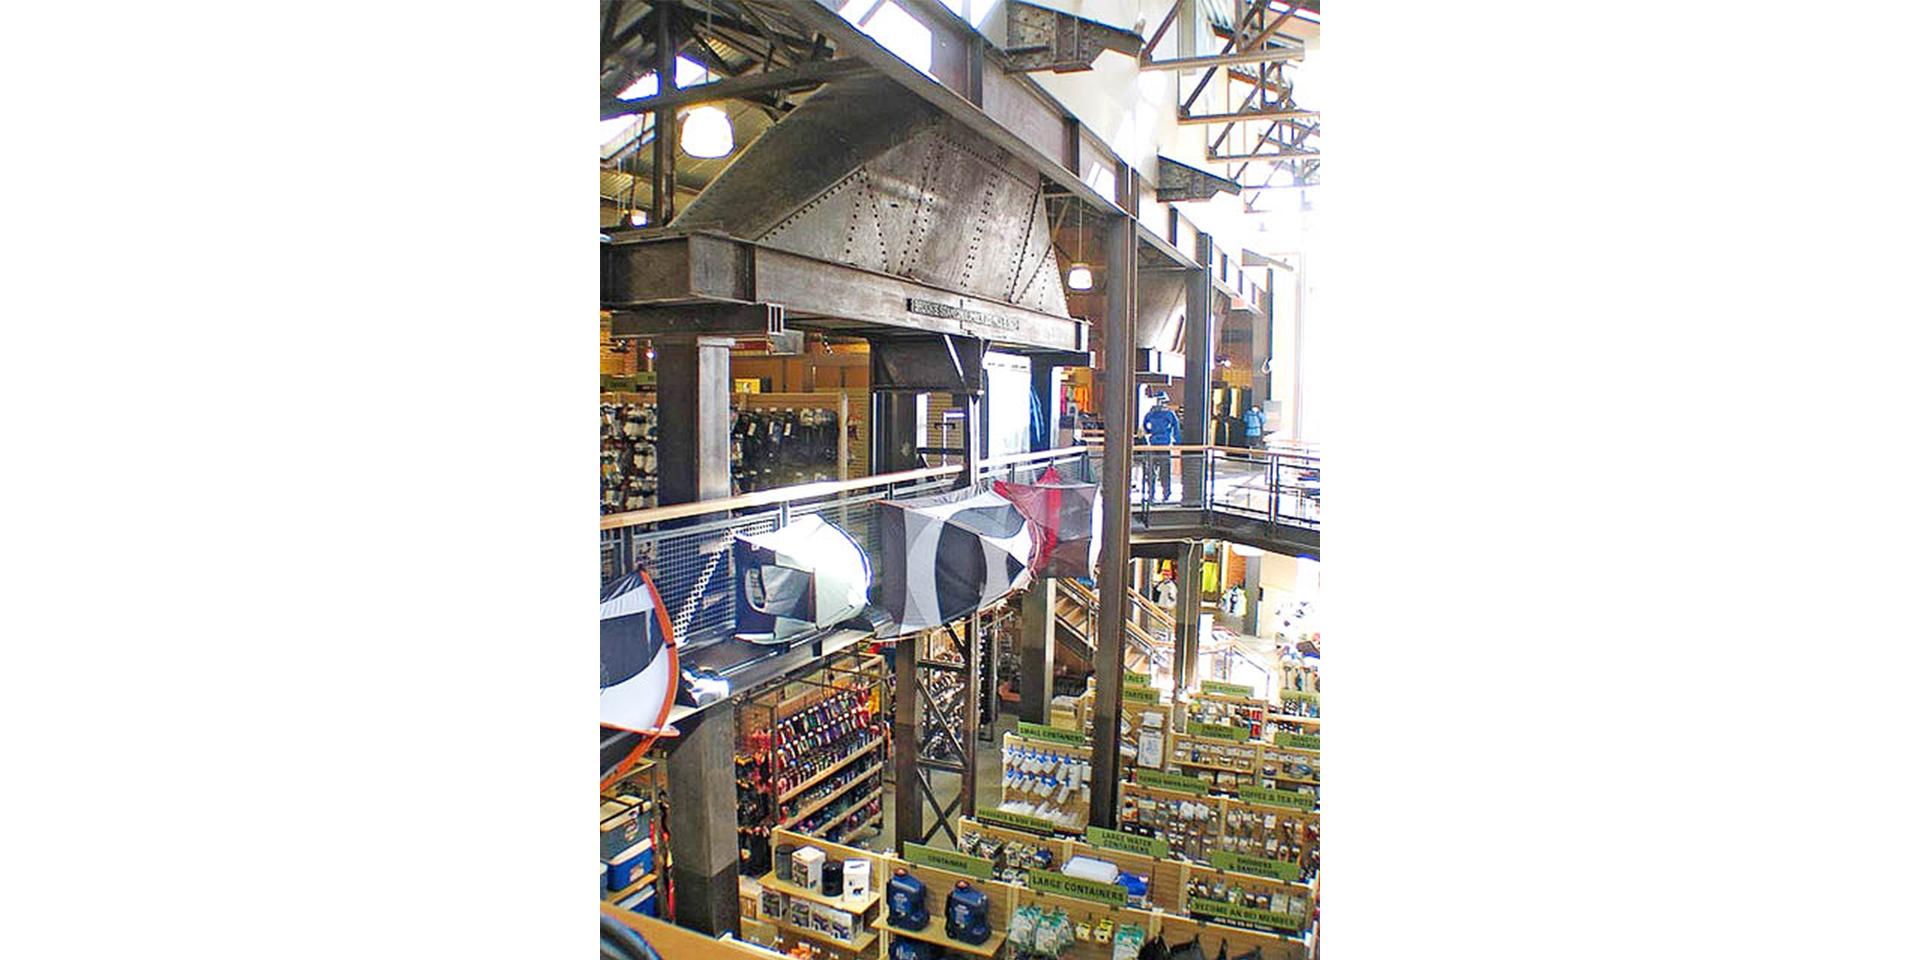 REI Interior